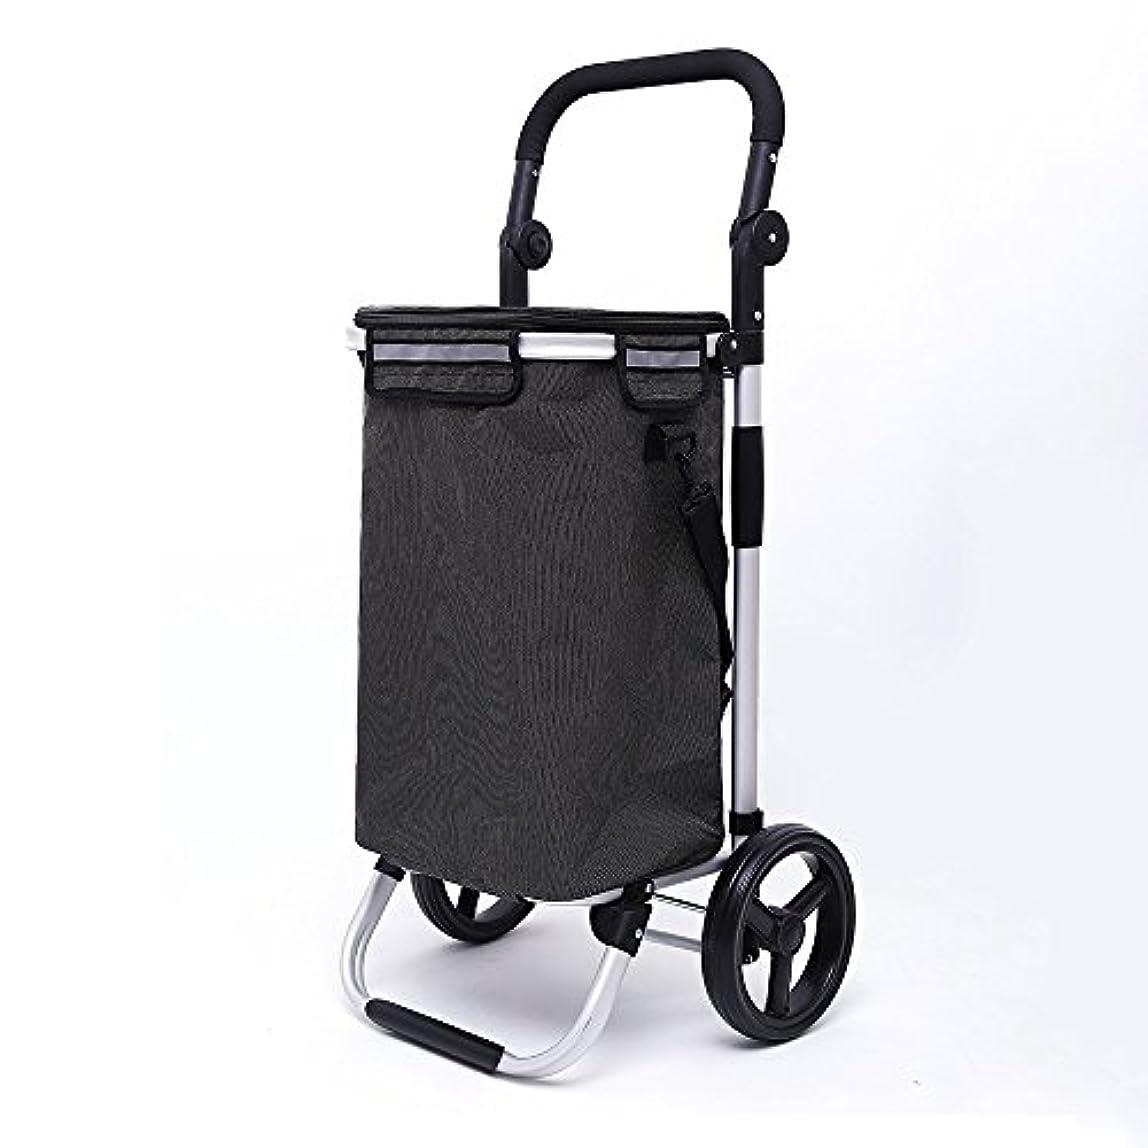 全国病者軽食JTWJ アルミショッピングカート8インチホイールフルカー折りたたみワイドフラット小型牽引カート(氷パック付き) (色 : A)